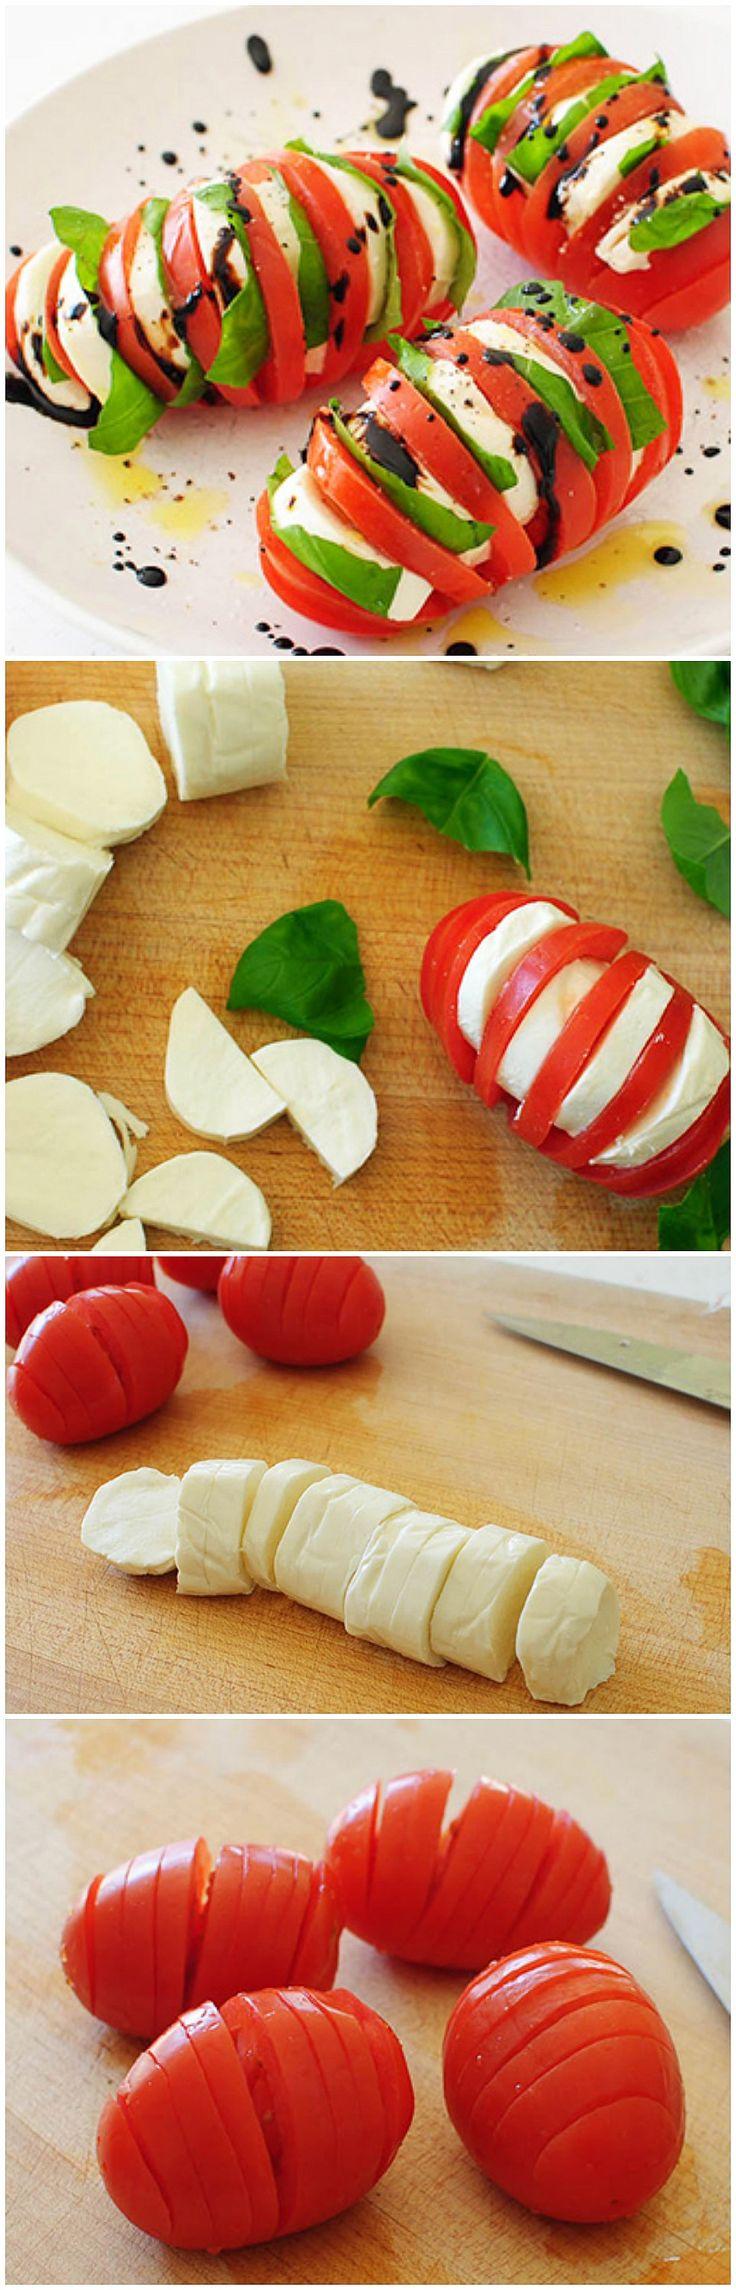 Weil das Auge ja mit isst: Tomate Caprese Häppchen.